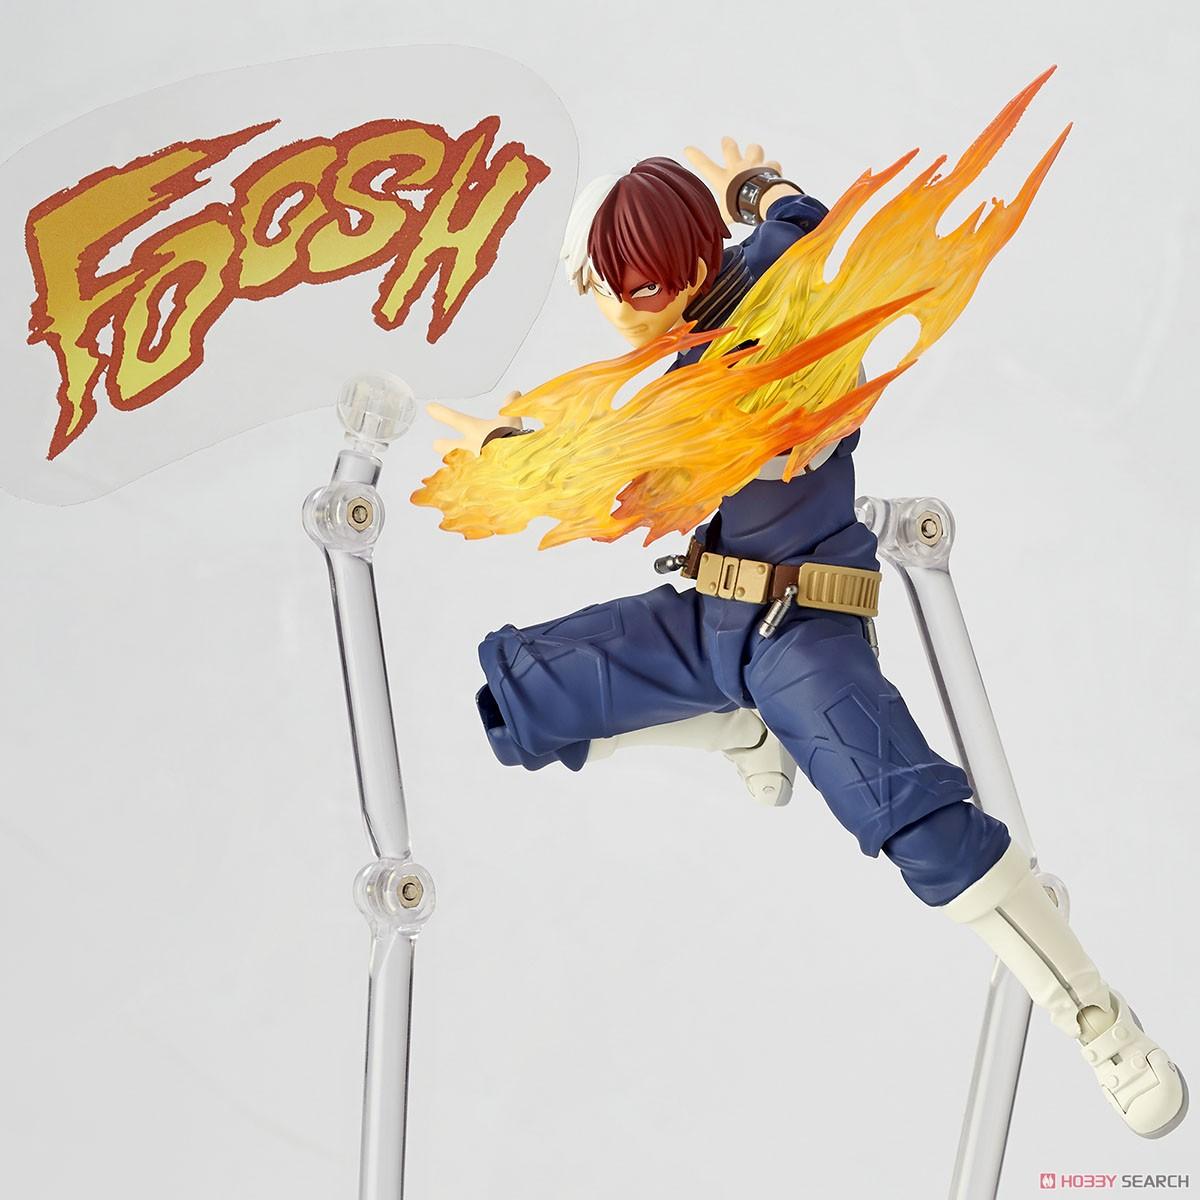 フィギュアコンプレックス アメイジング・ヤマグチ No.026『轟焦凍』僕のヒーローアカデミア 可動フィギュア-007